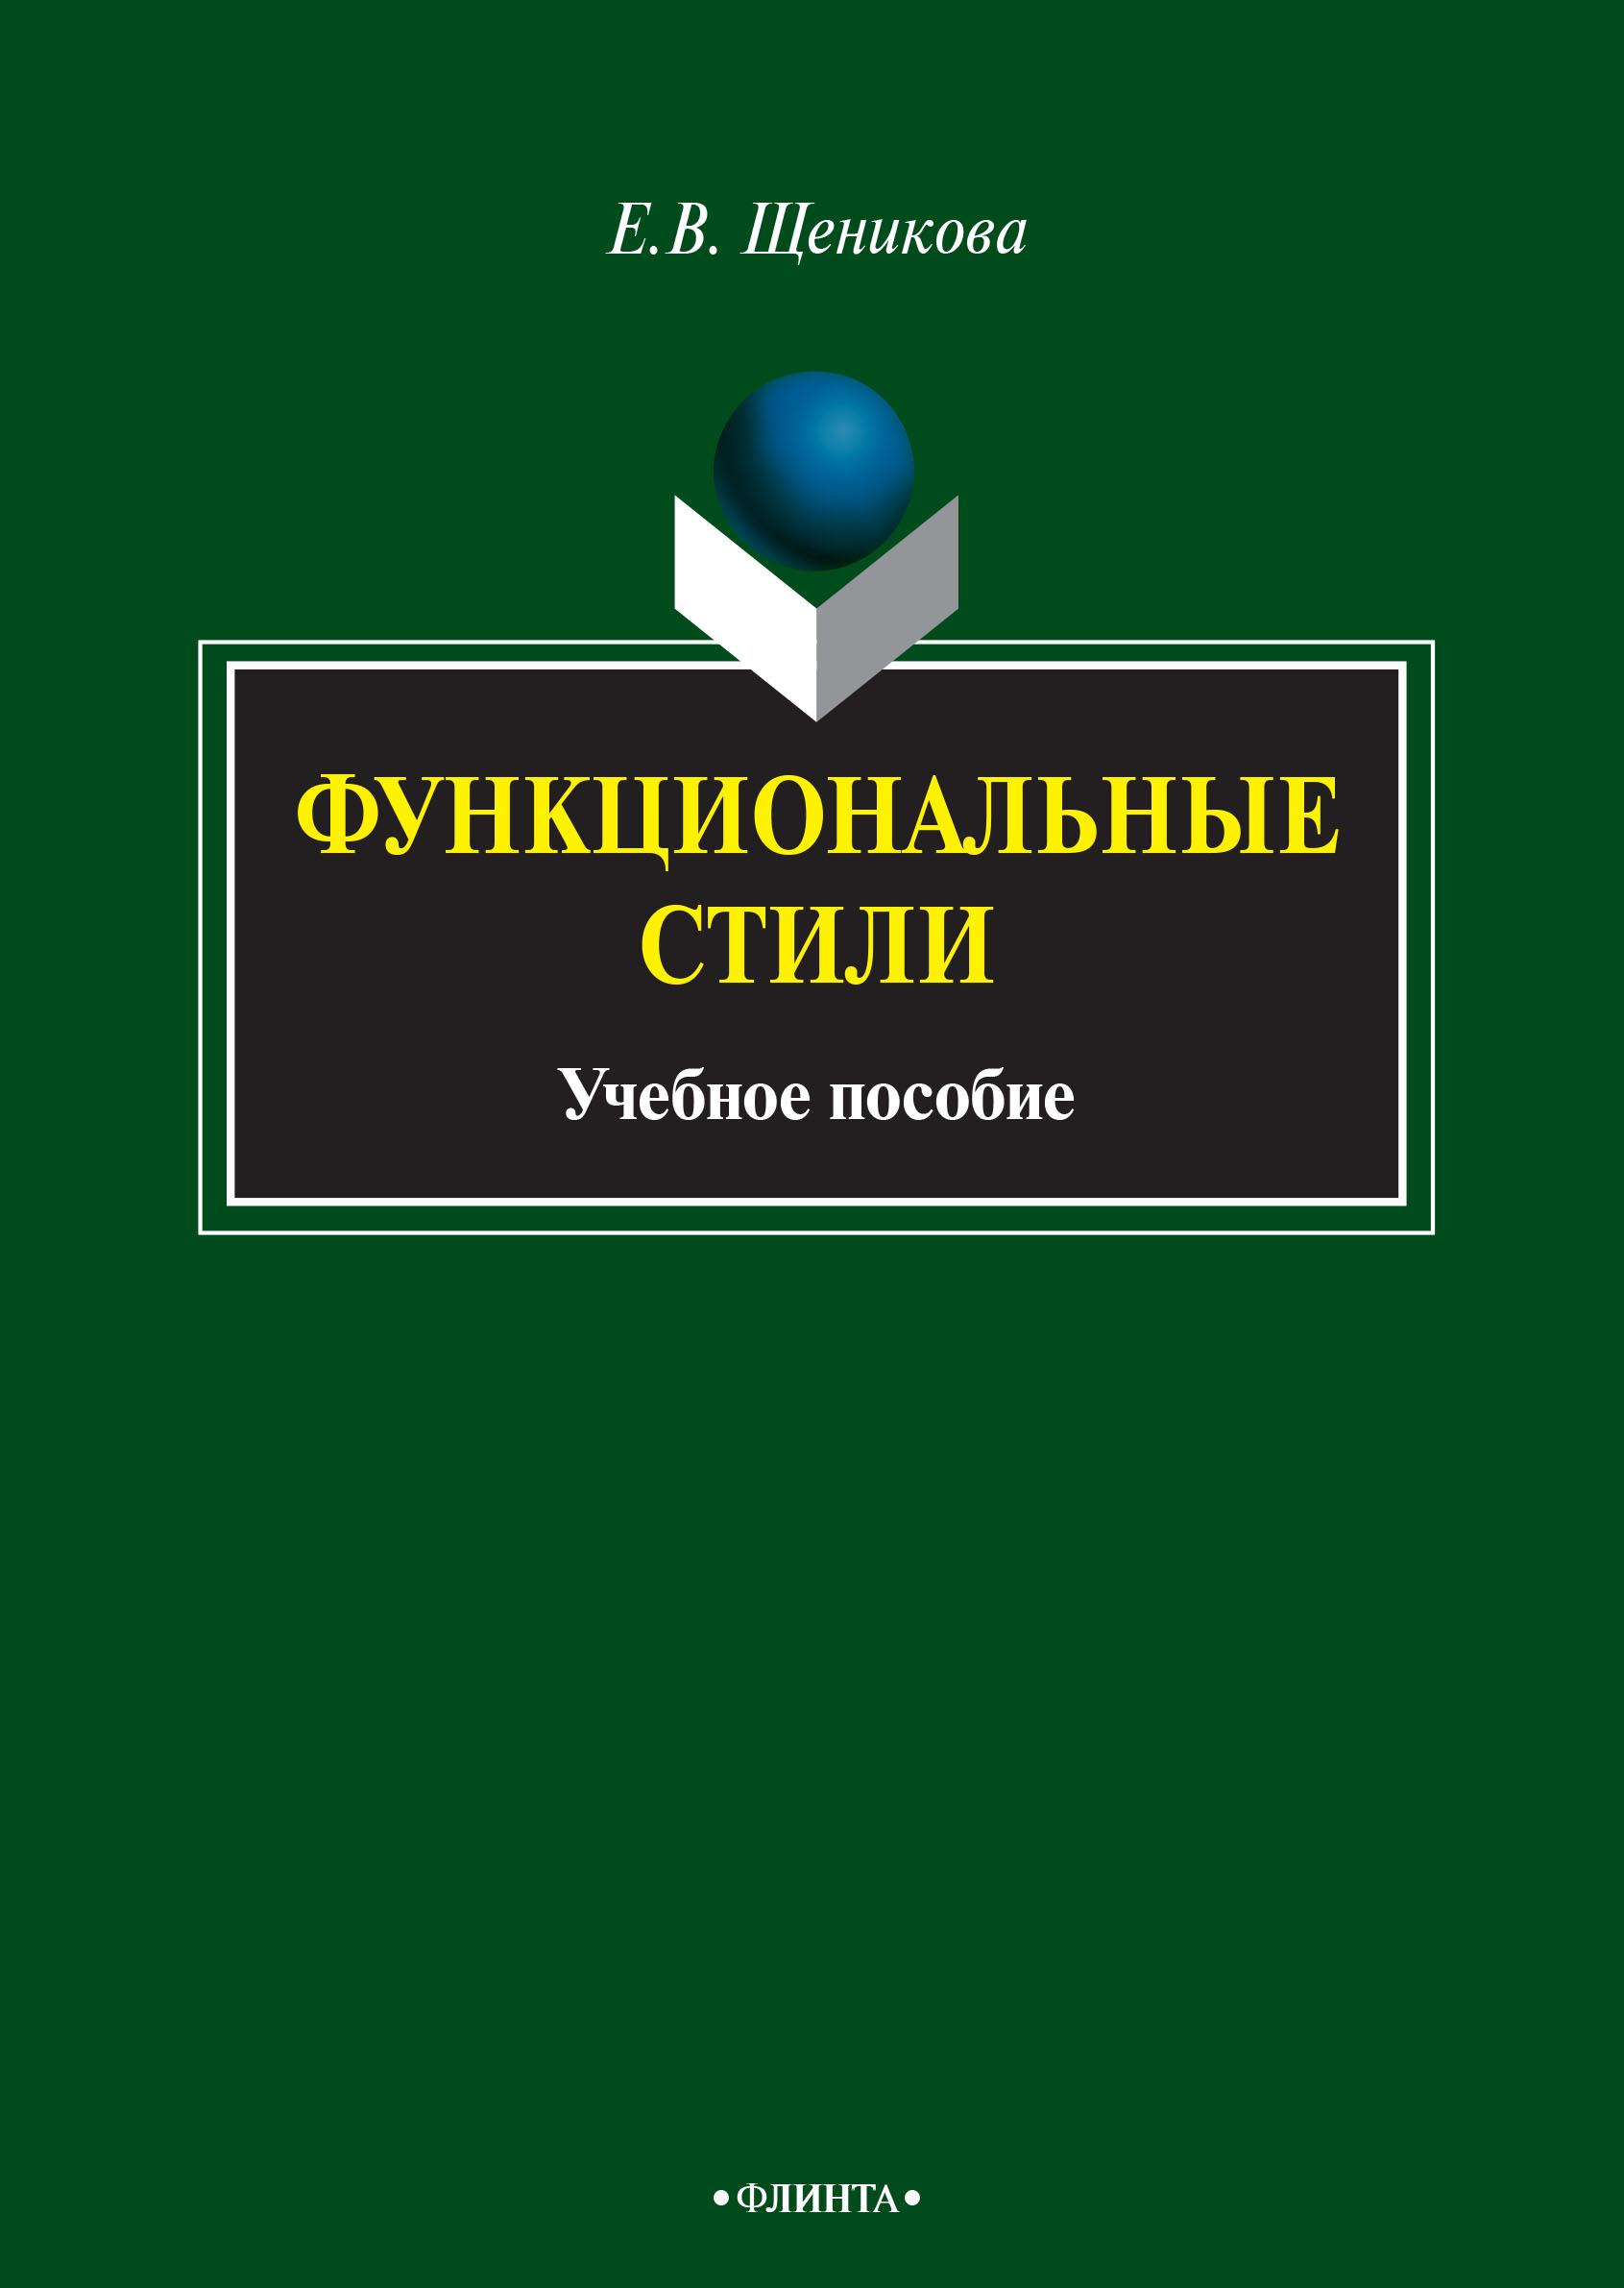 Функциональные стили ( Елена Щеникова  )